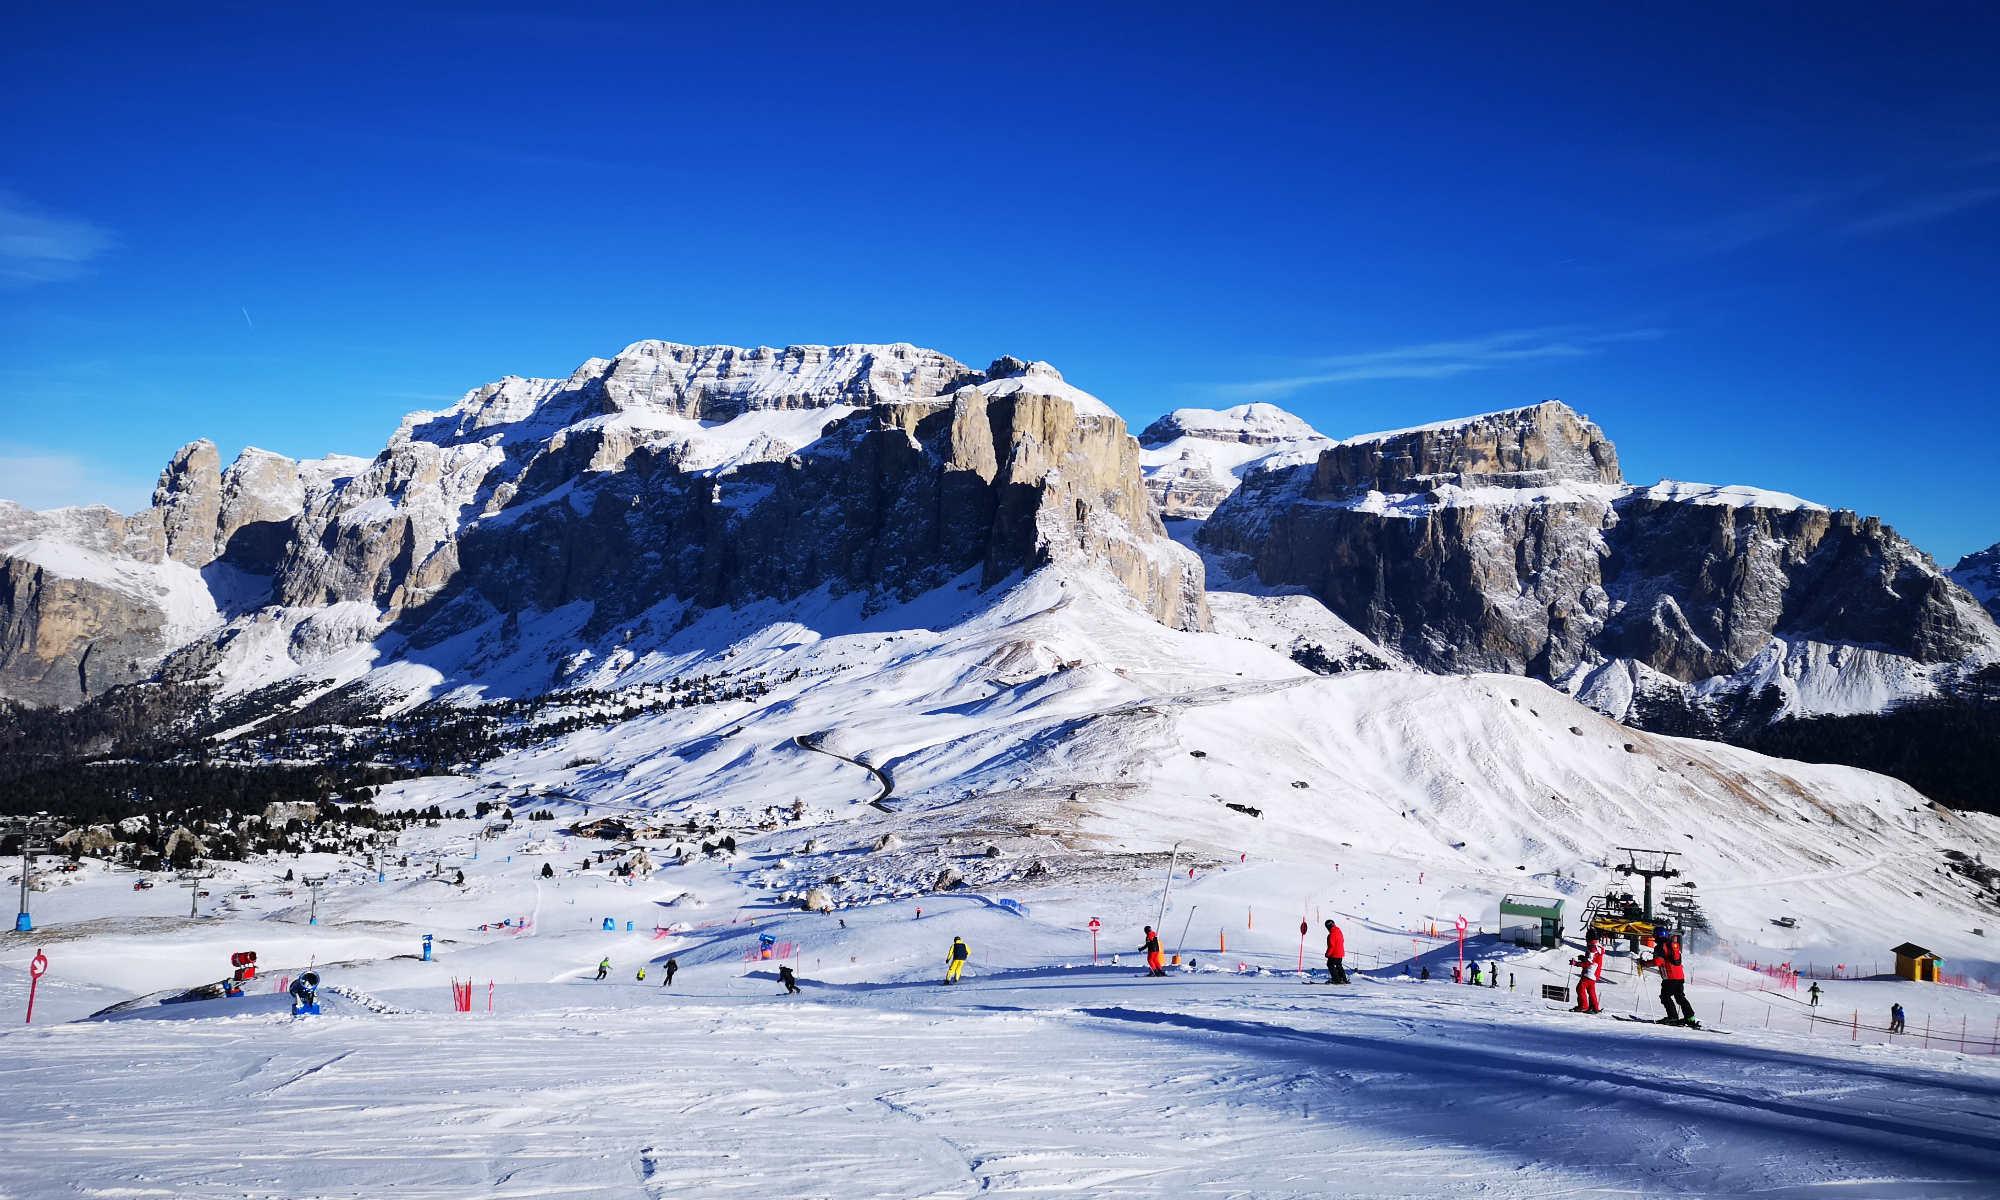 Gruppo di sciatori praticano lo sci ai piedi del massiccio del Sella.